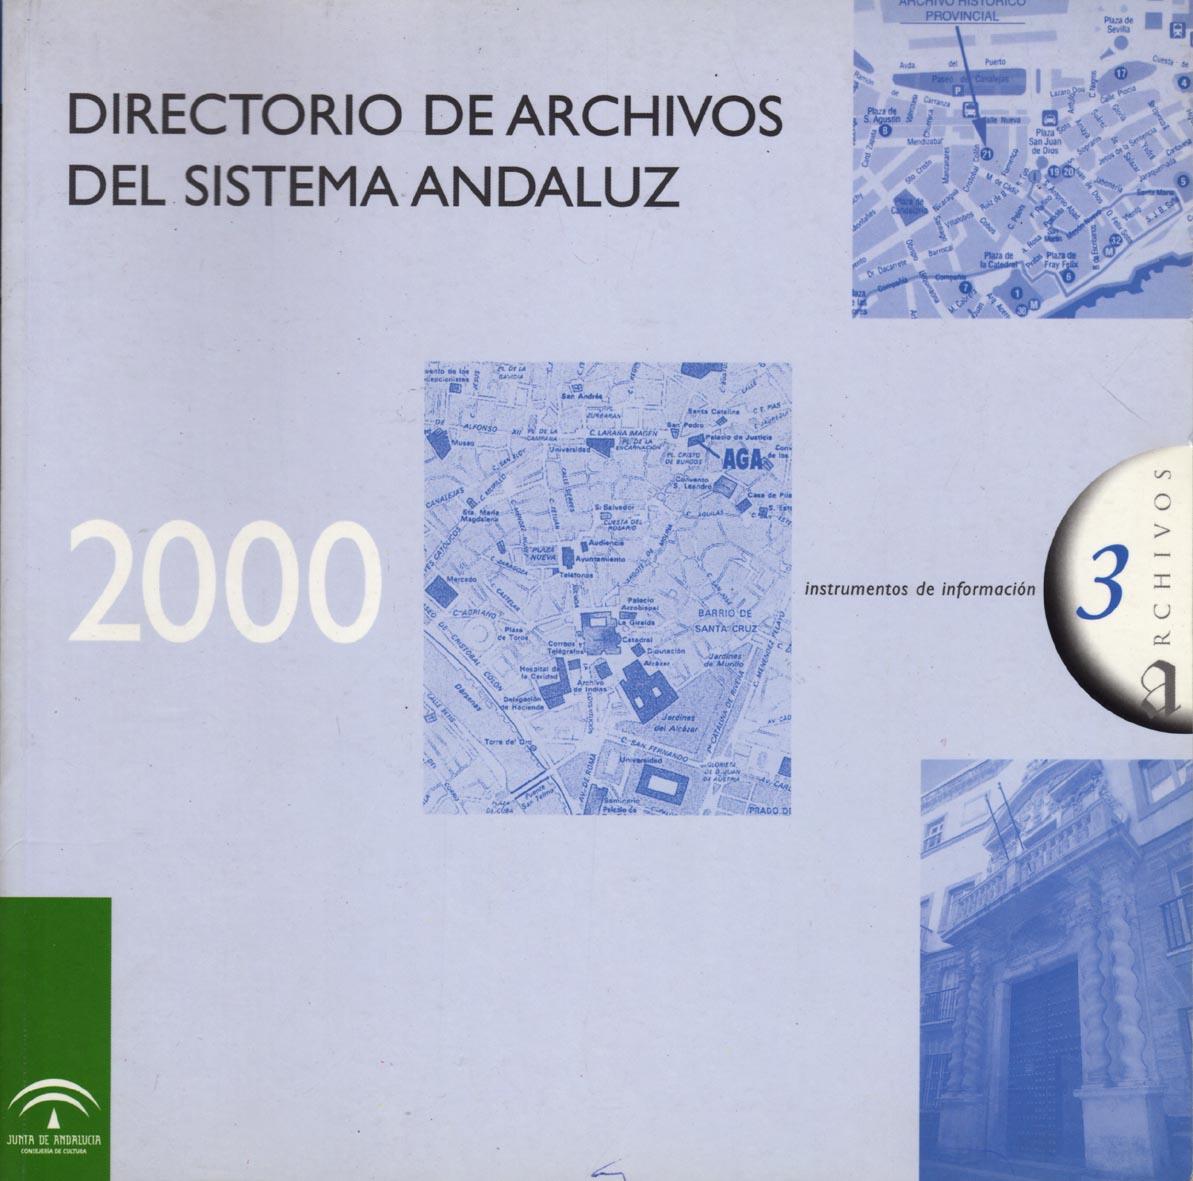 Directorio de Archivos del Sistema Andaluz